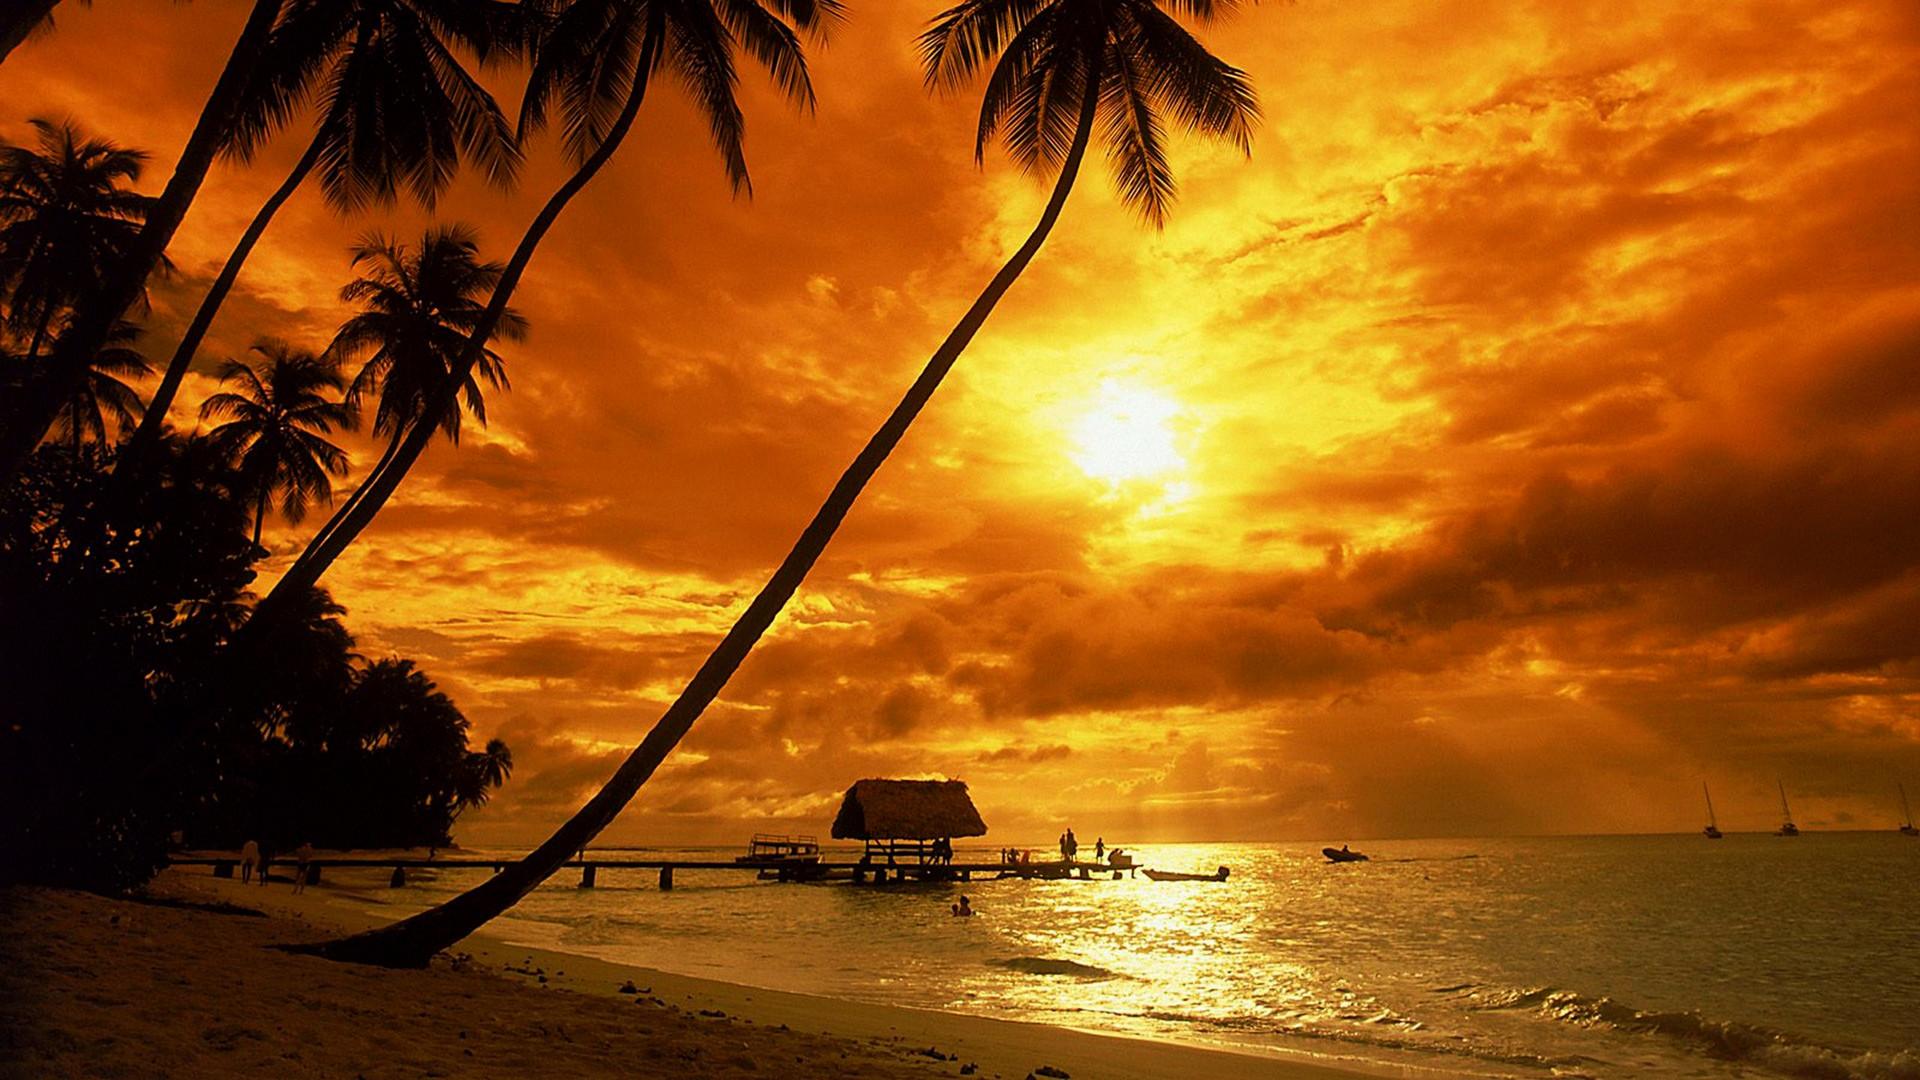 Free Wallpaper For Macbook Air   Data-src - Tropical Beach Sunset Background - HD Wallpaper